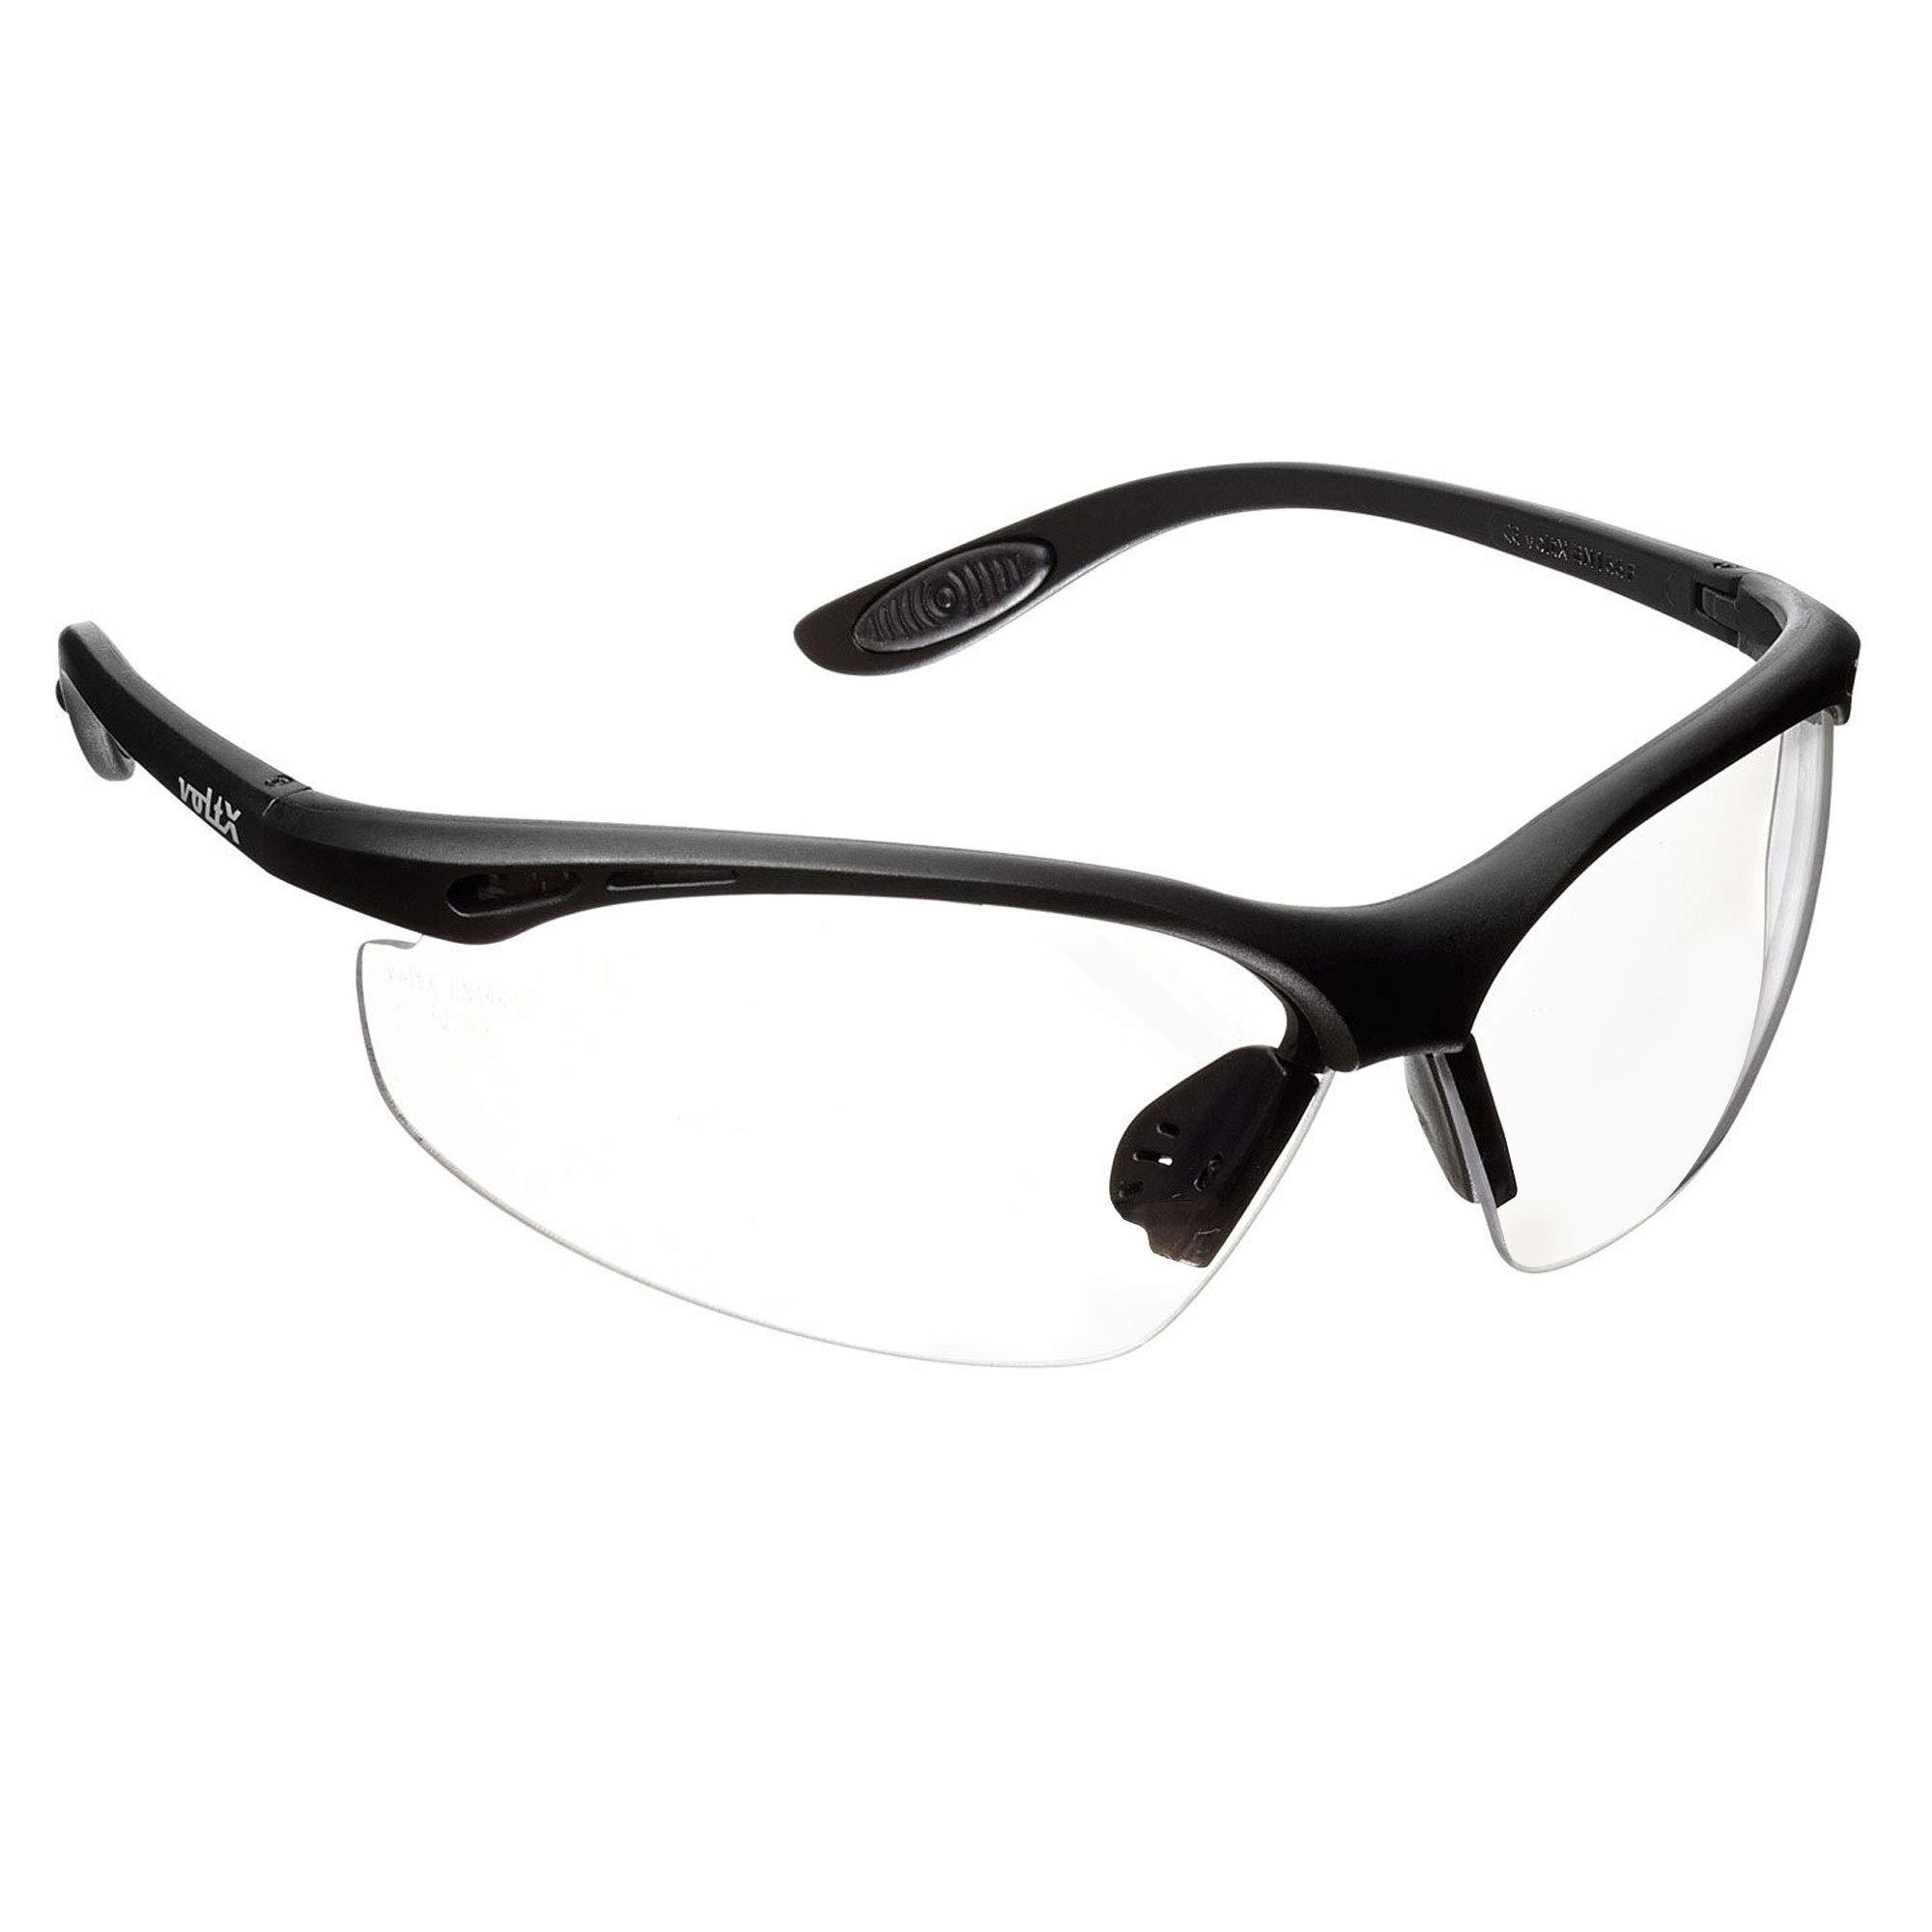 b60da6536a voltX 'CONSTRUCTOR' Gafas de Seguridad que cumplen con la certificación CE  EN166F / Gafas